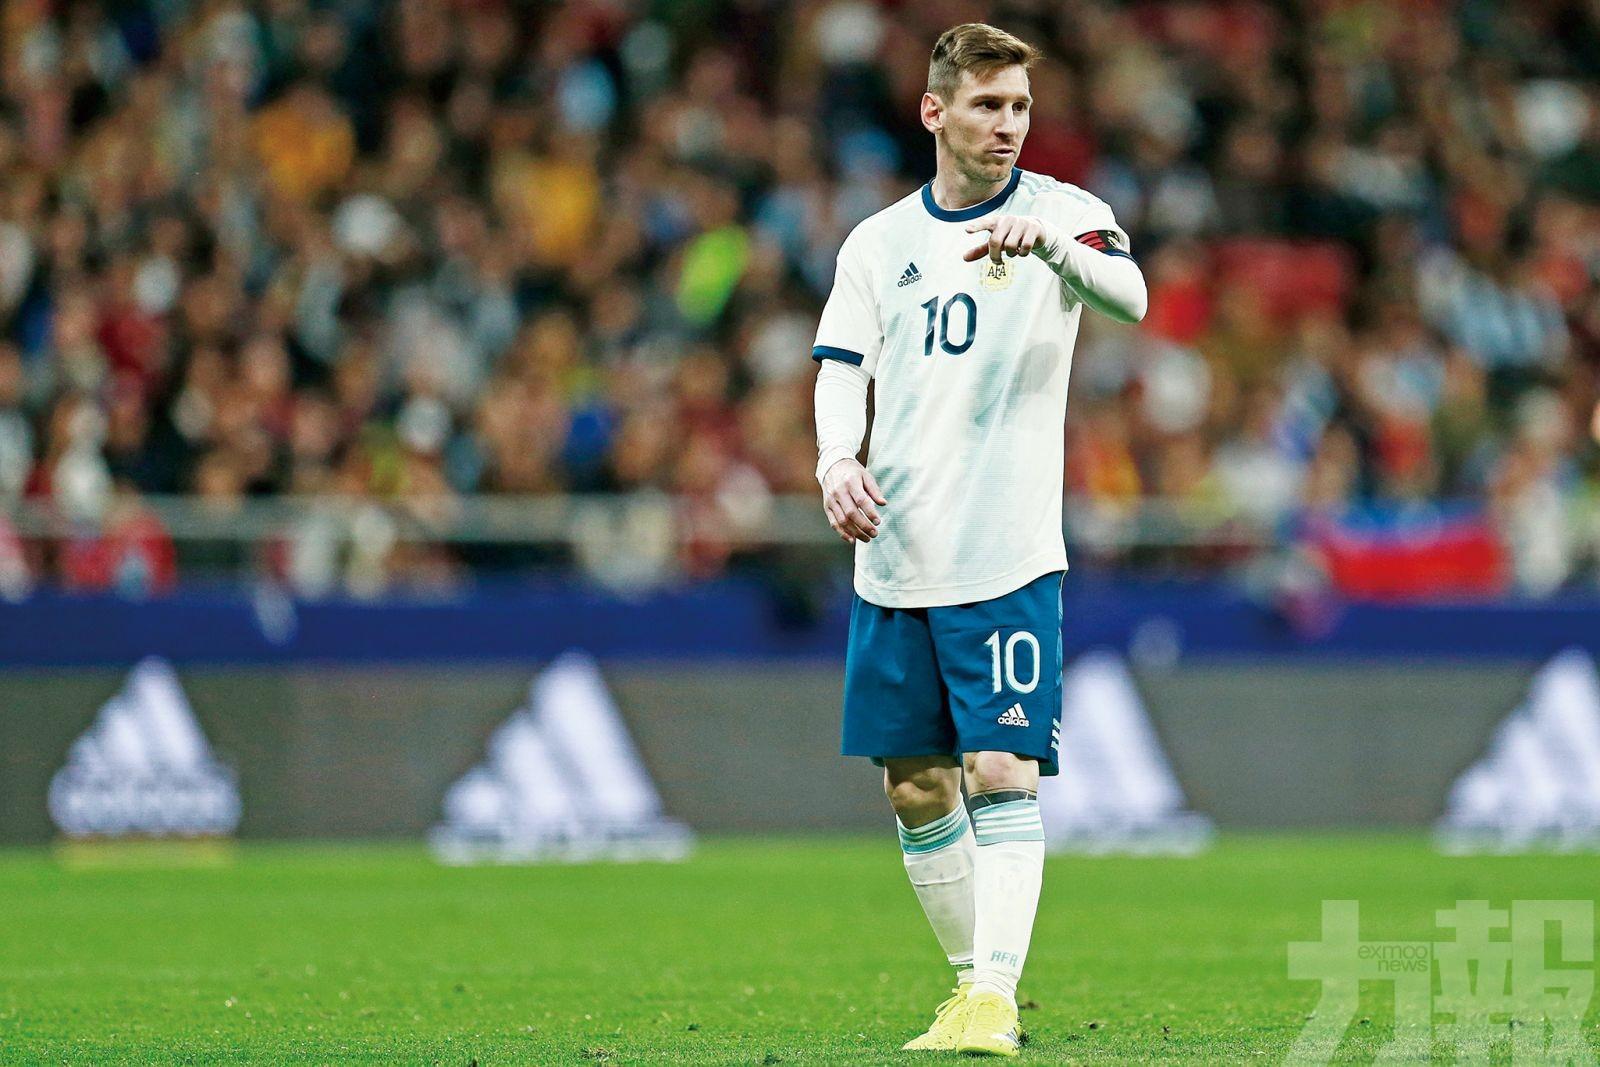 阿根廷公佈美洲盃初選名單有美斯